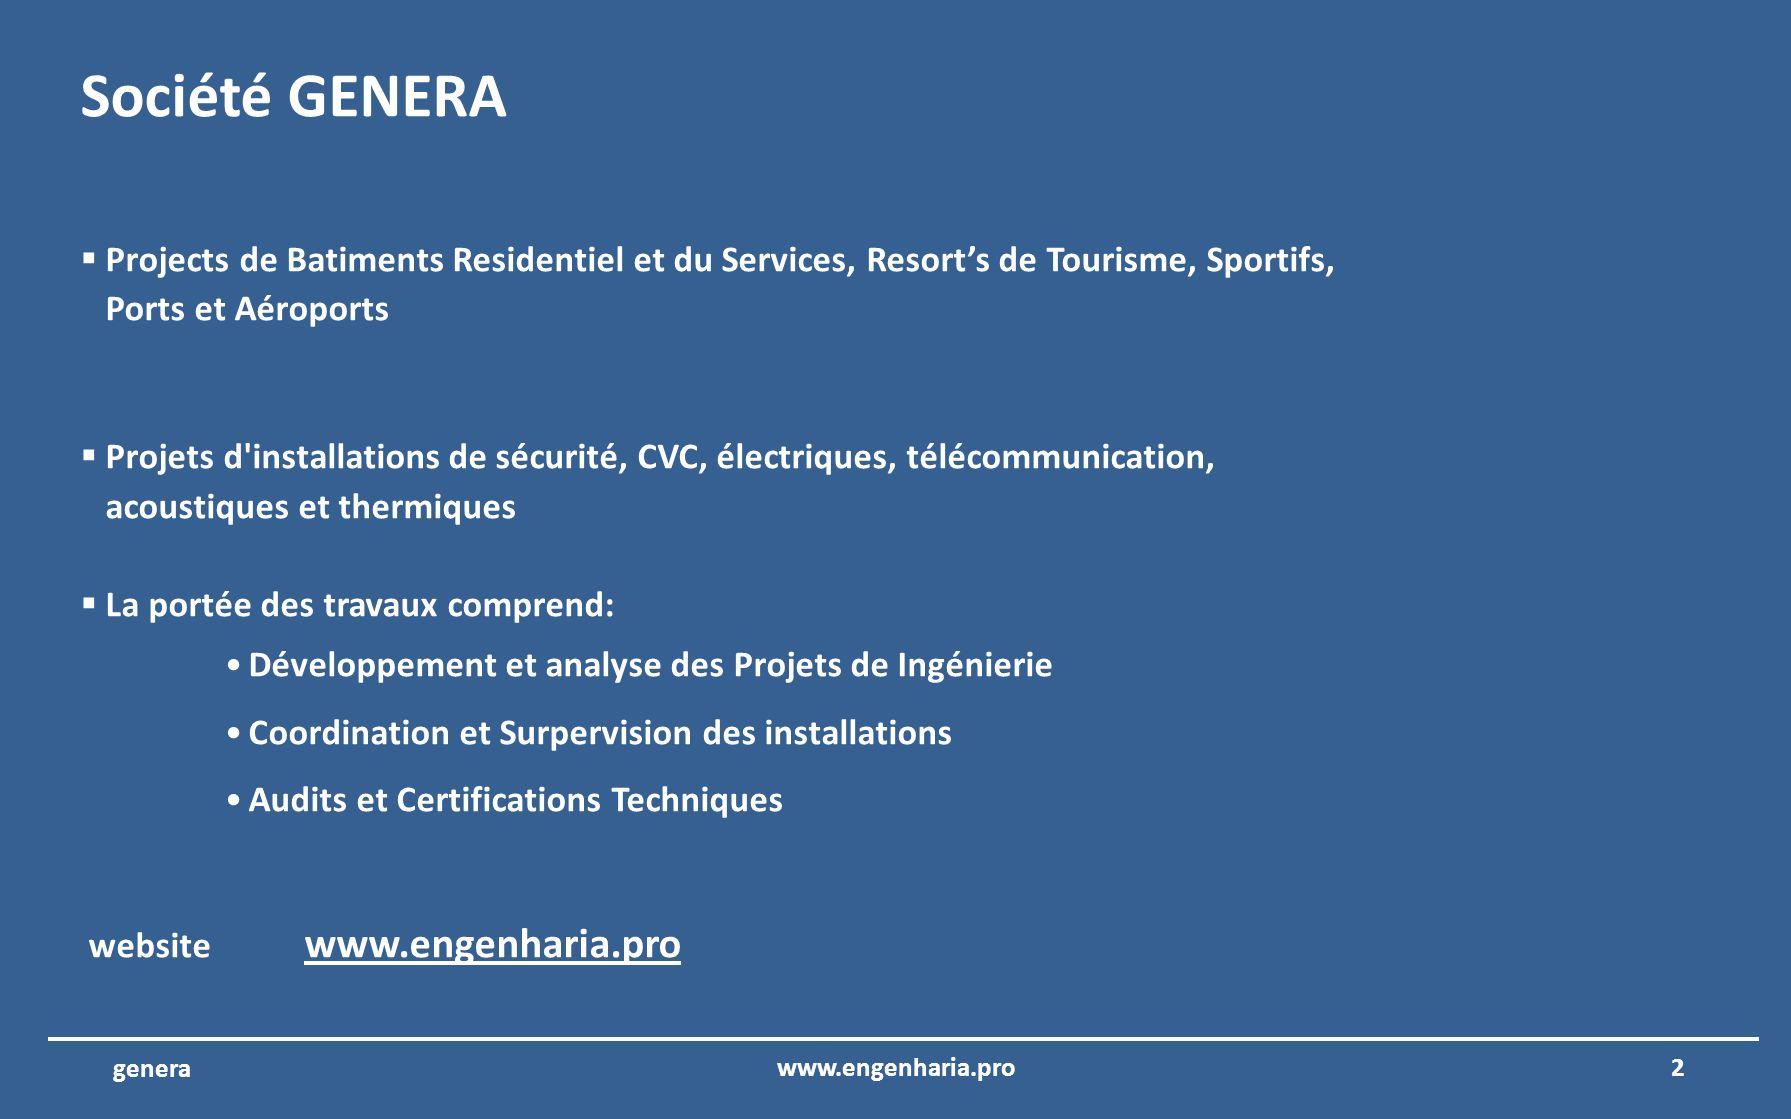 Société GENERA Projects de Batiments Residentiel et du Services, Resort's de Tourisme, Sportifs, Ports et Aéroports.